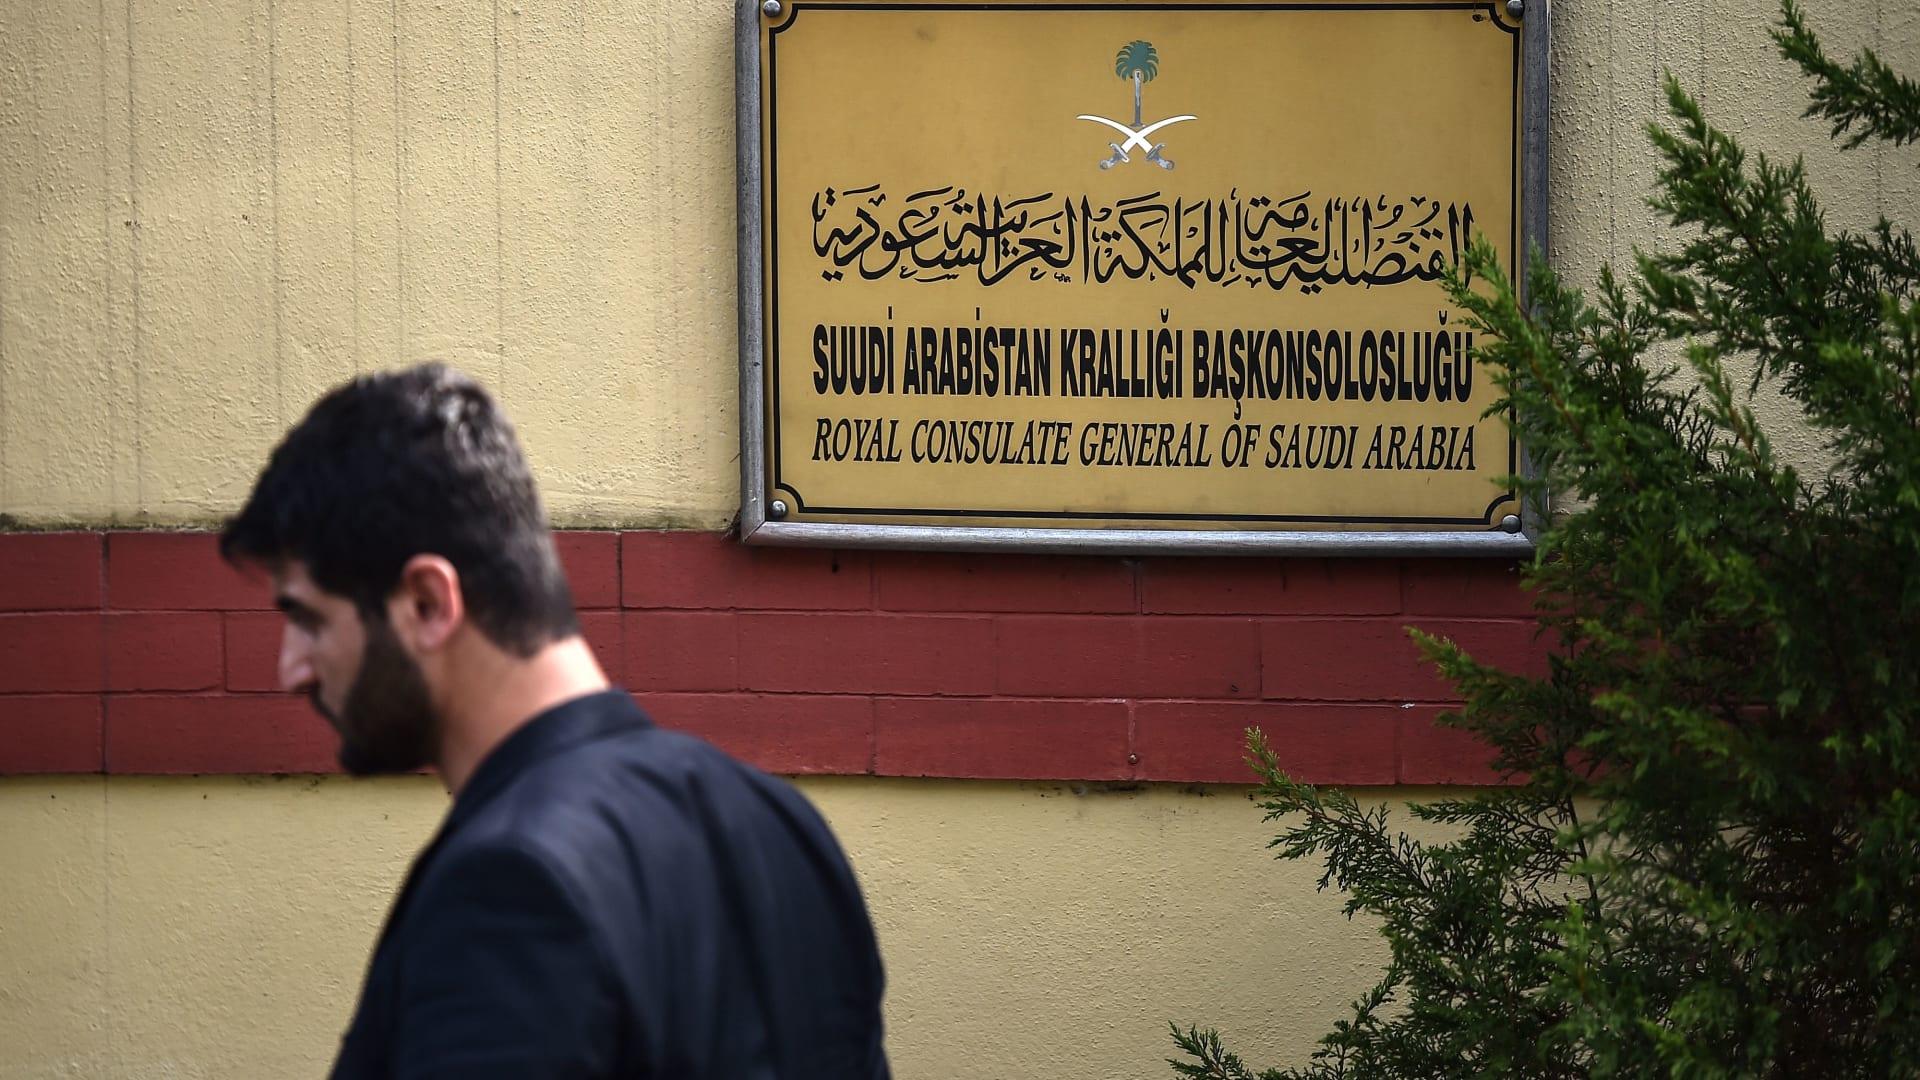 الجبير: نرفض تسييس قضية مقتل خاشقجي والتدخل بشؤوننا الداخلية